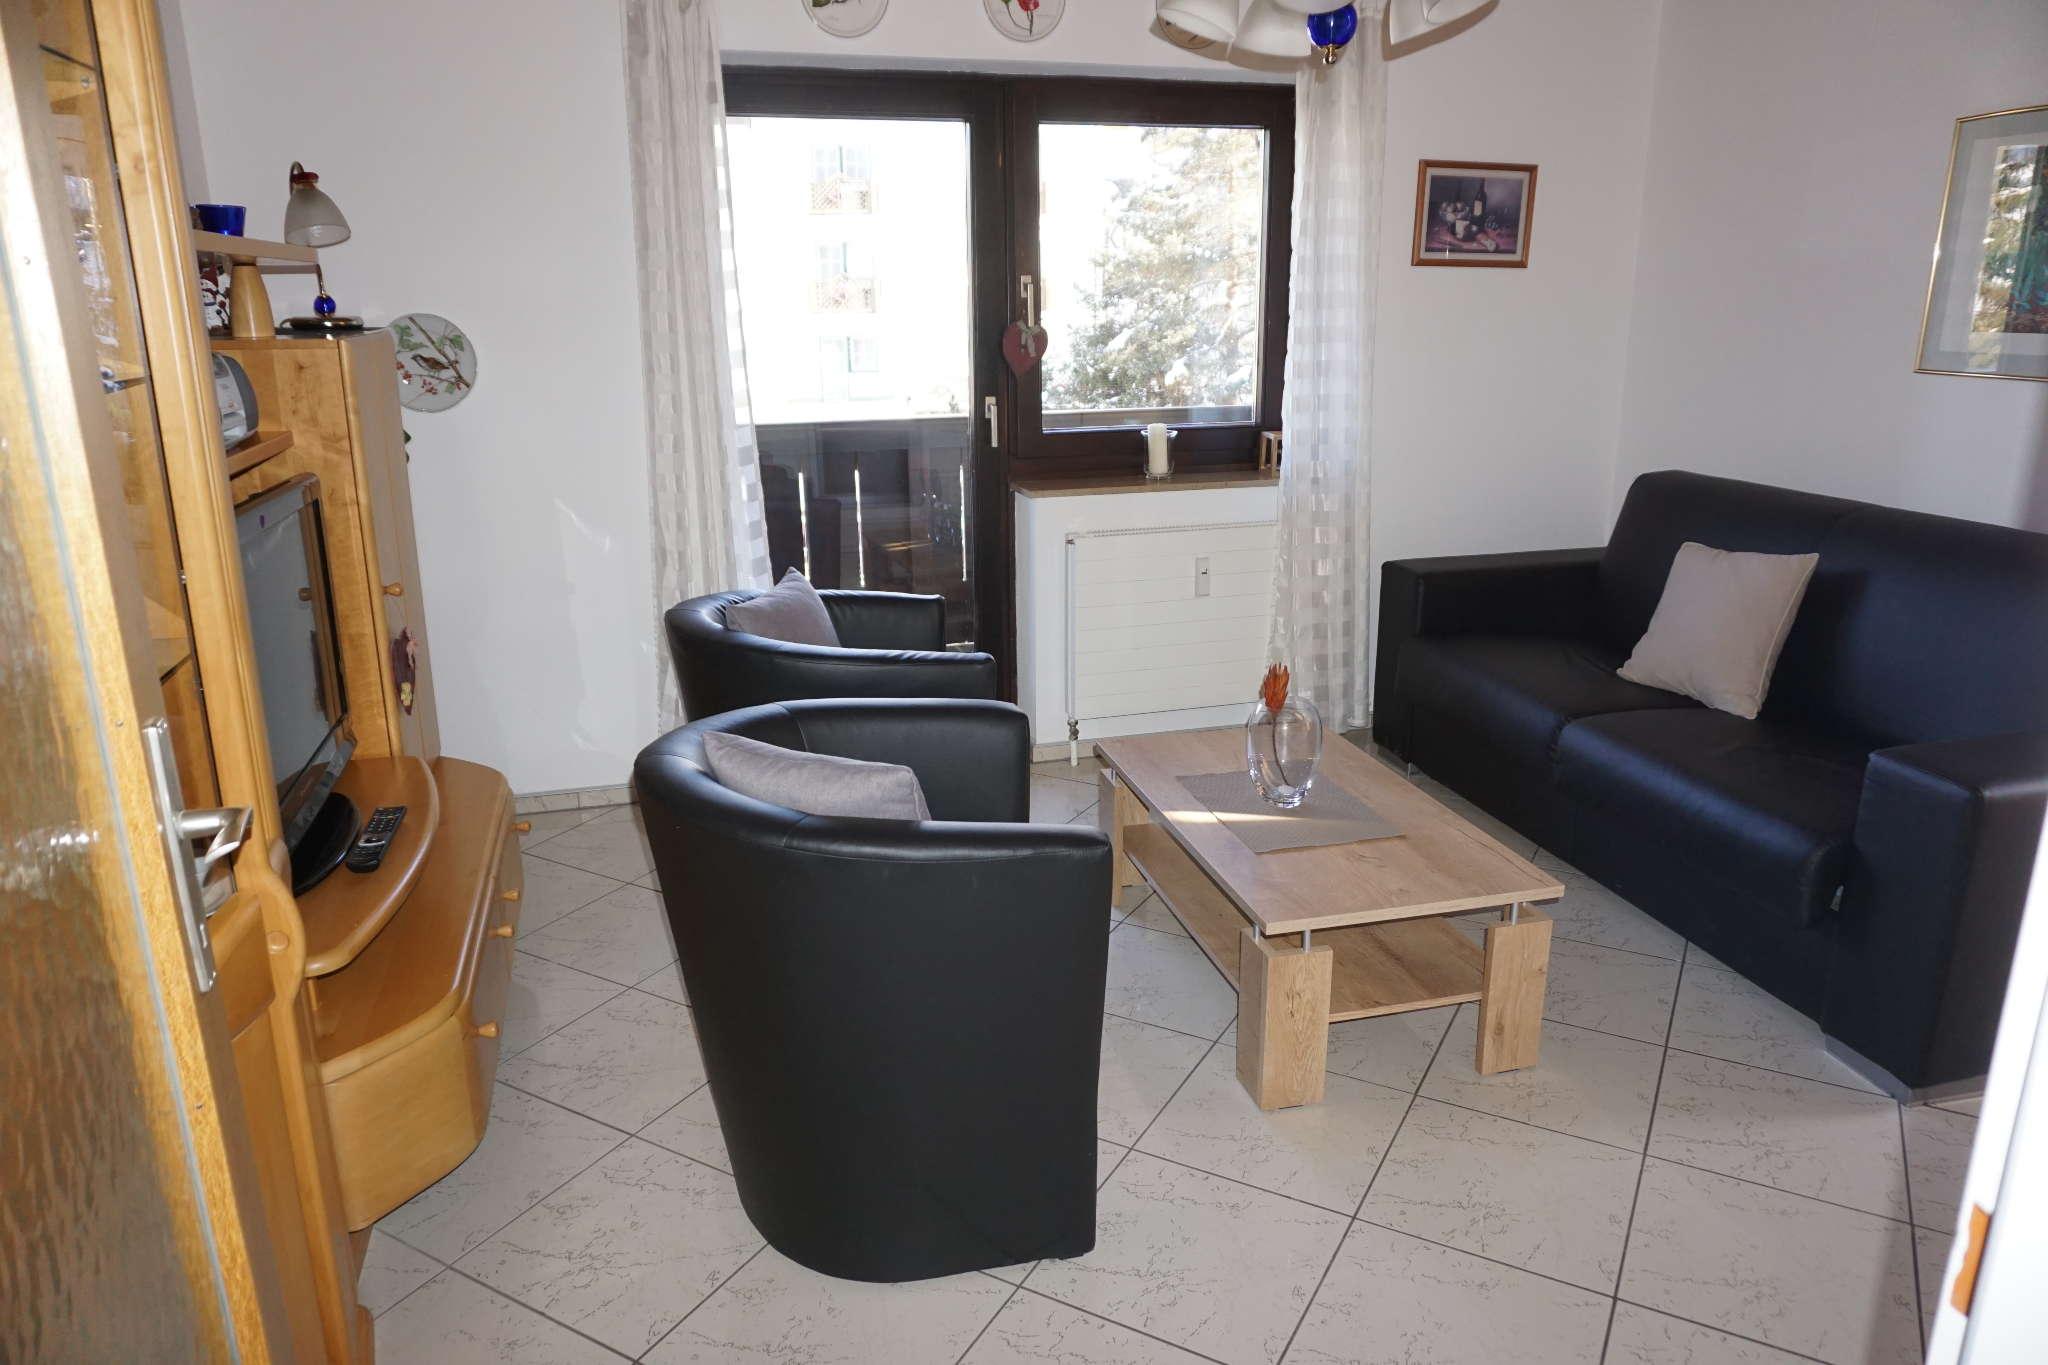 Zusatzbild Nr. 06 von Appartement St. Johann im Pongau - Alpendorf